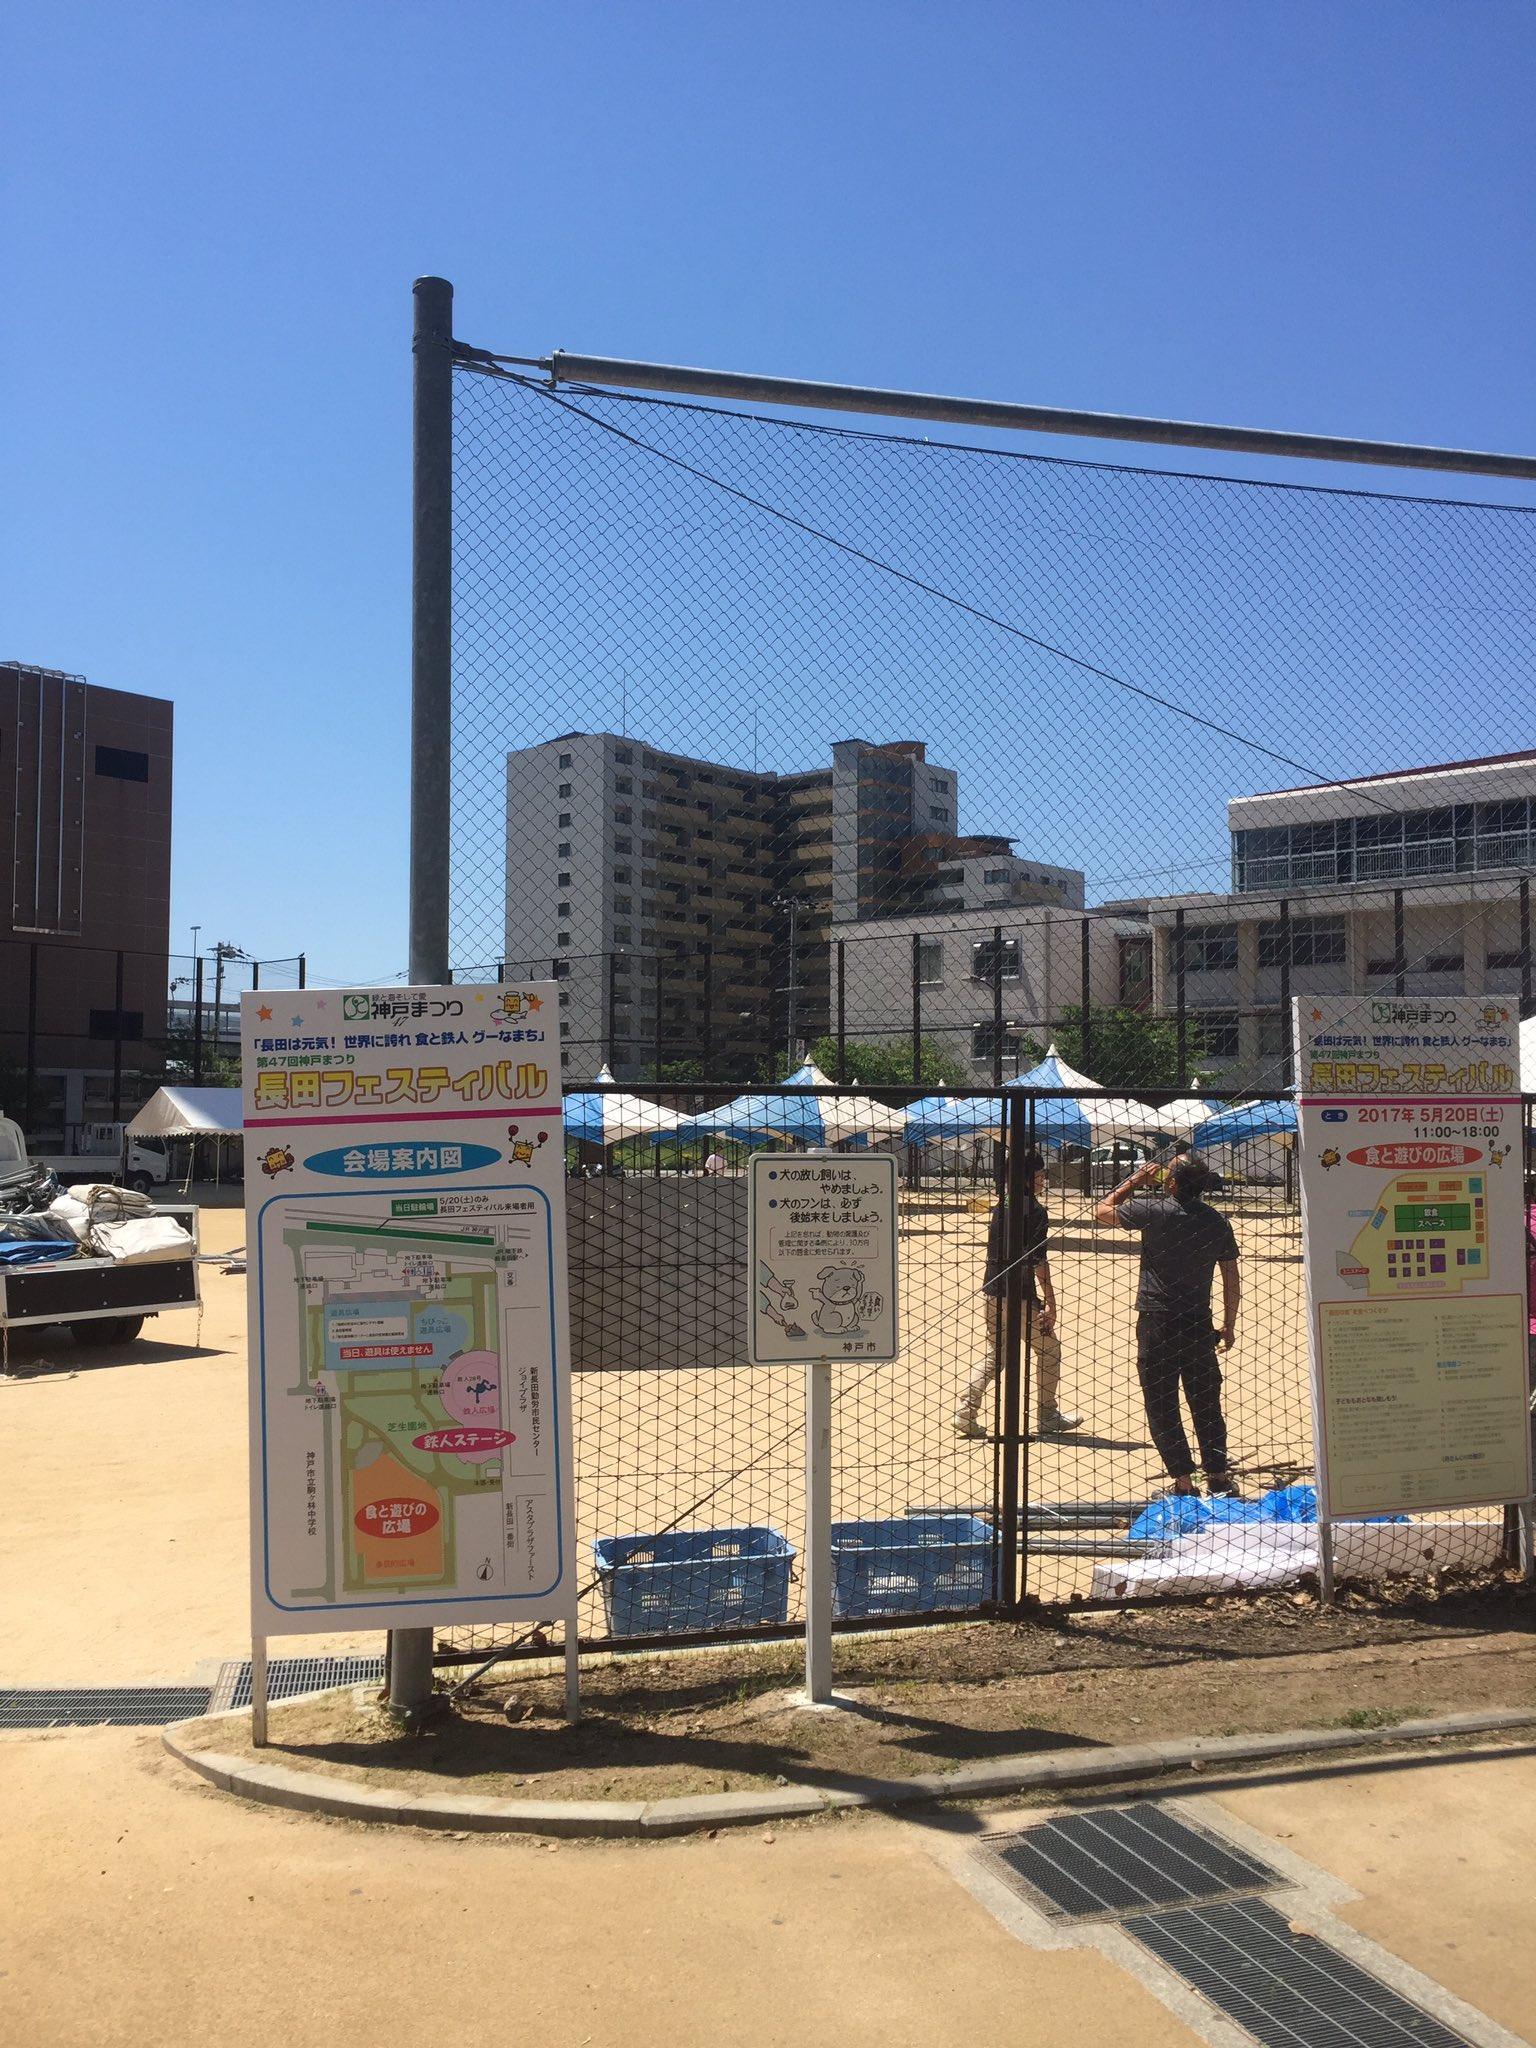 長田 神戸 天気 市 区